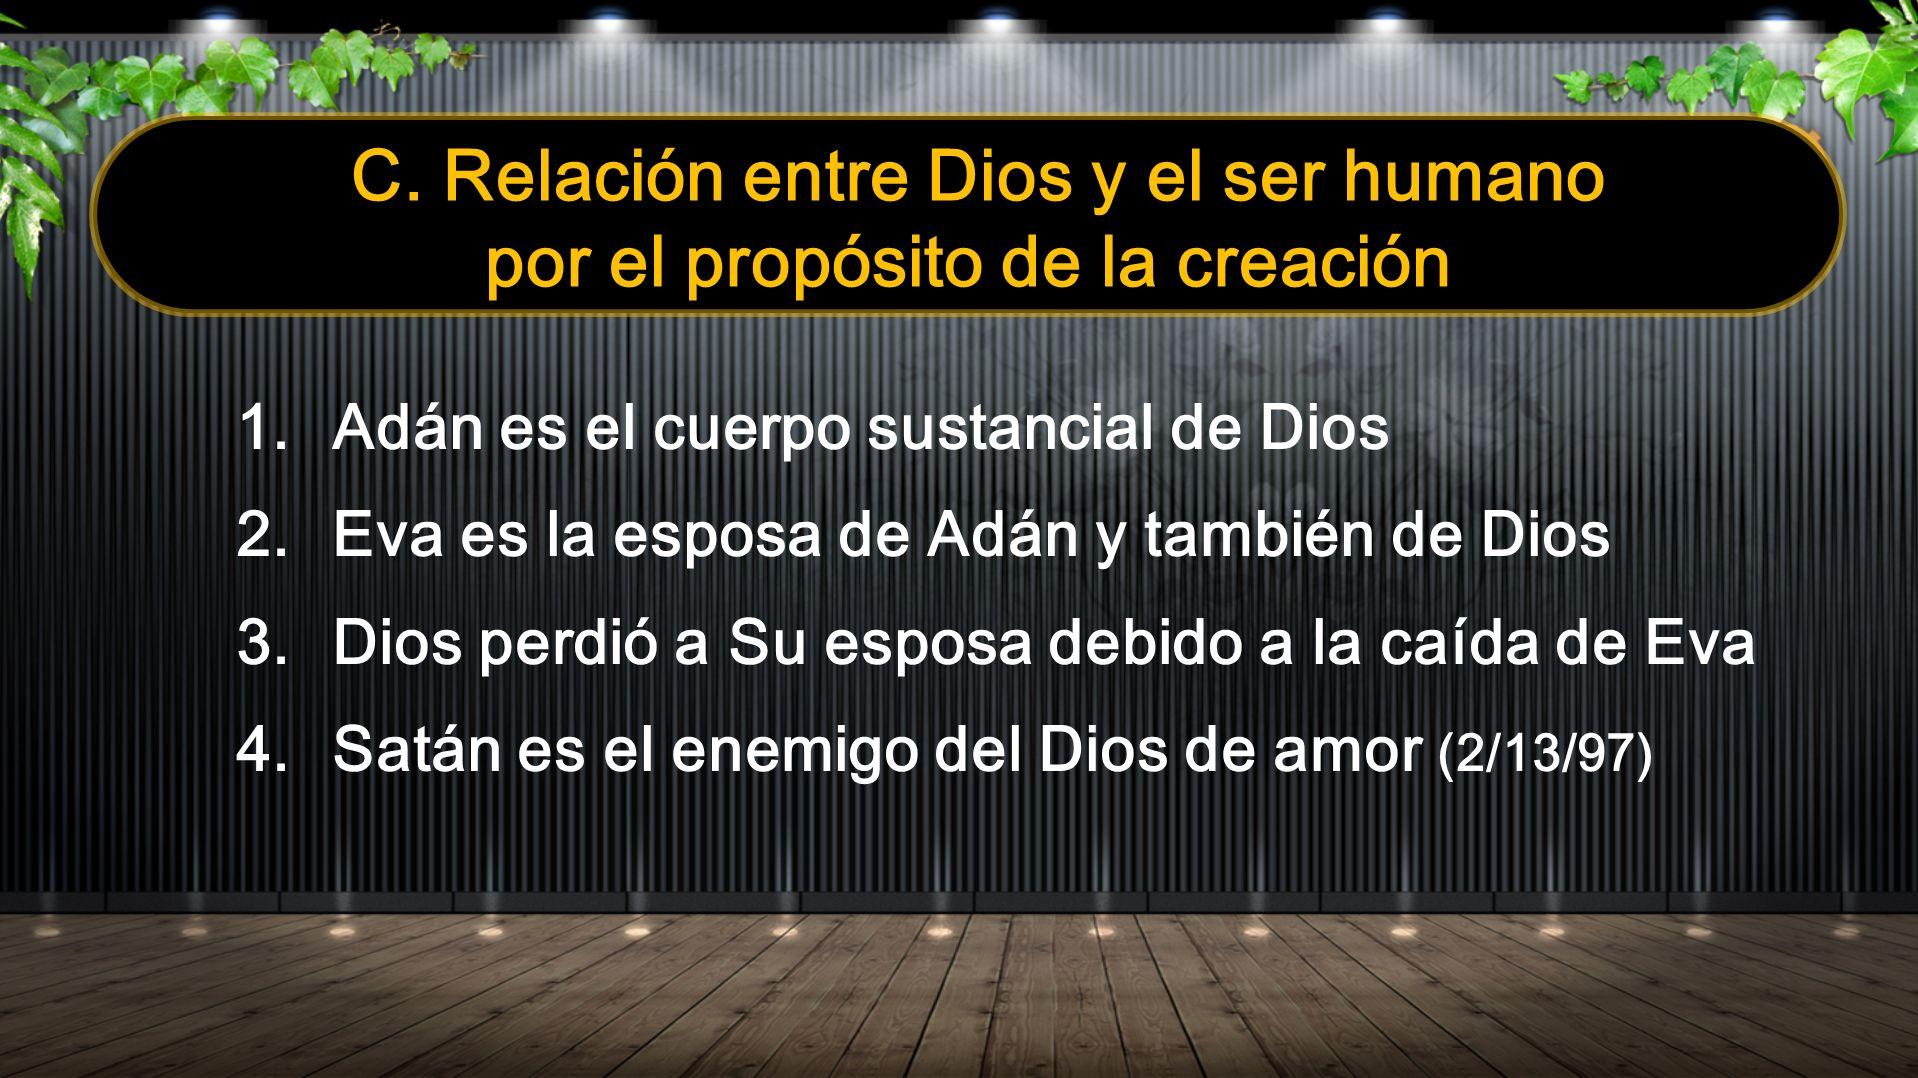 1.Él debe protejer la posición de Dios 2. Él debe defender a muerte el dominio de Dios 3.